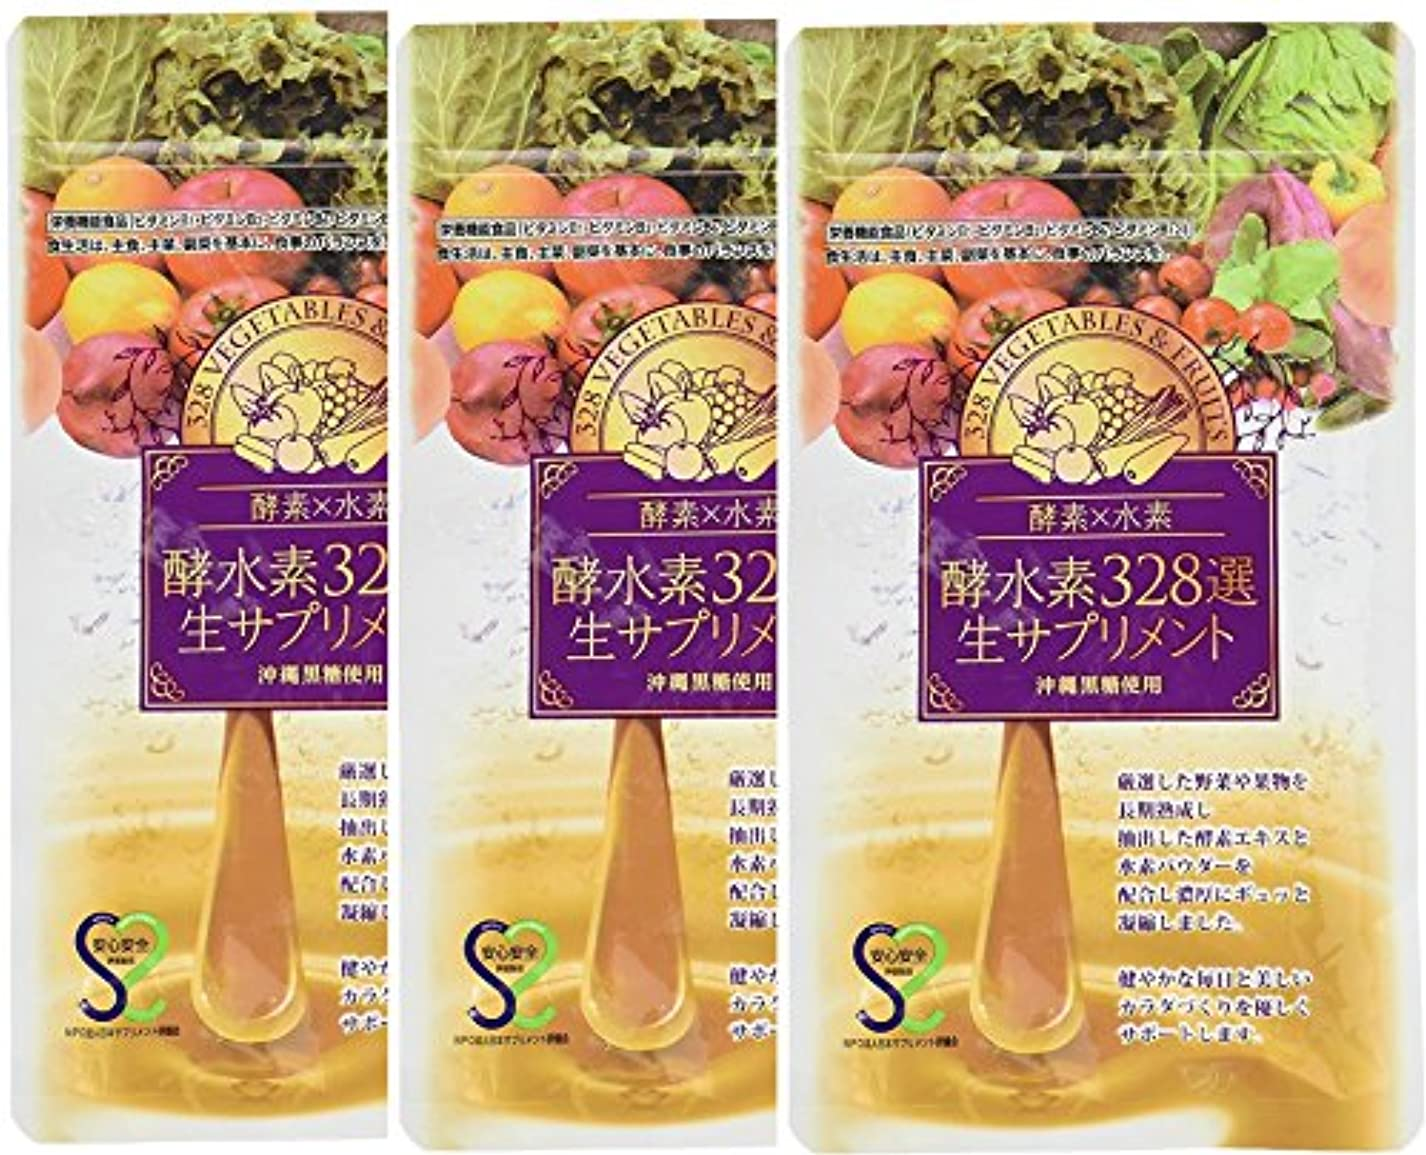 忠実なアクチュエータショッピングセンター酵水素328選 生サプリメント×3袋セット